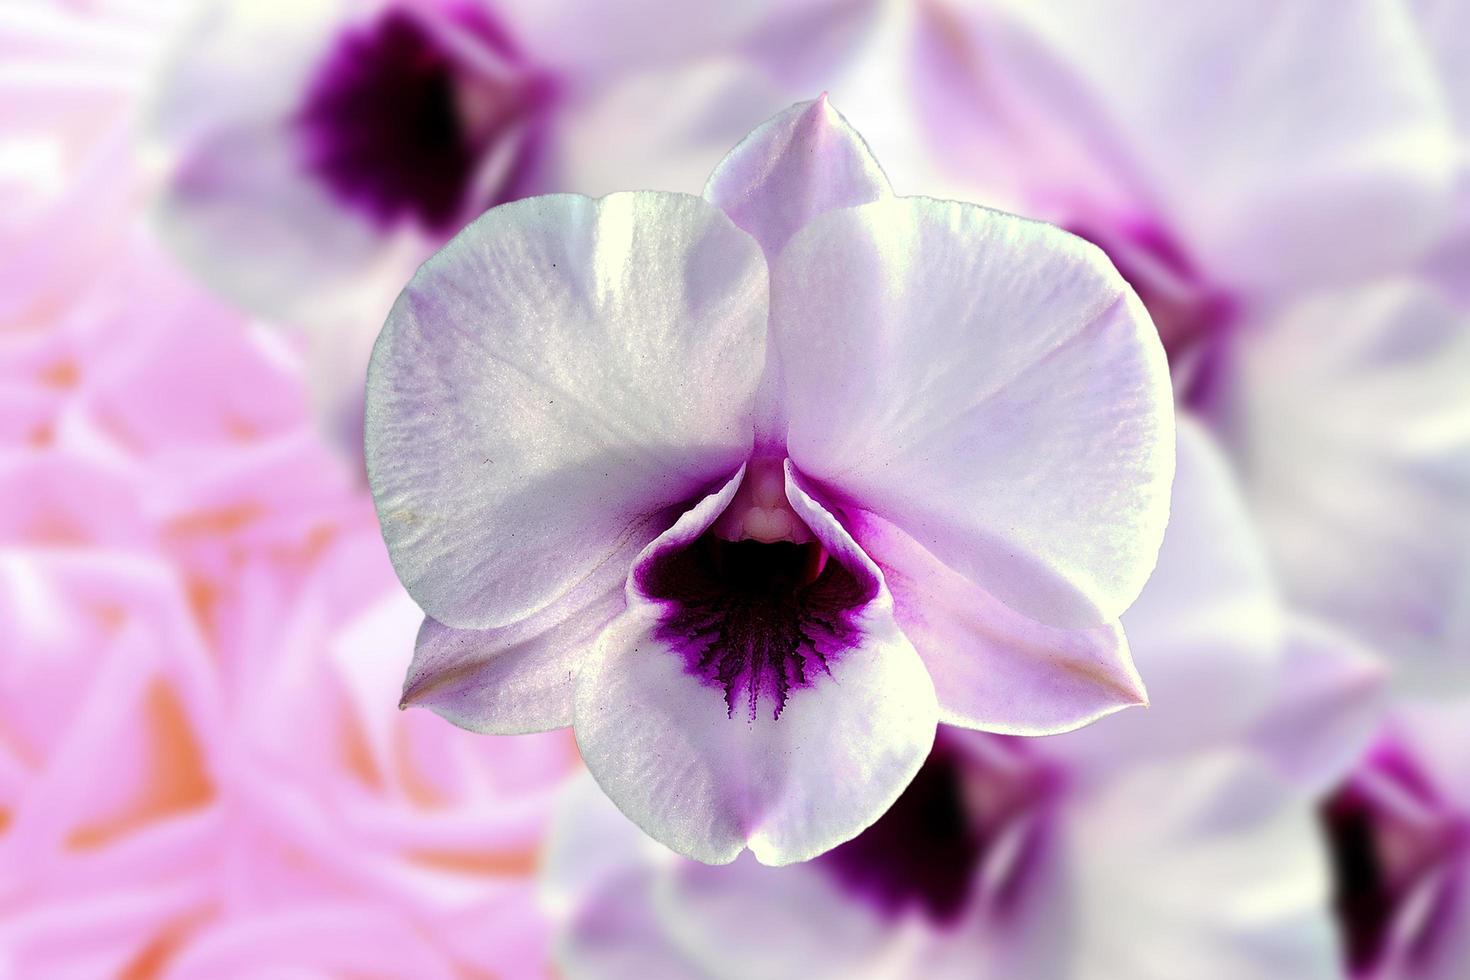 flor de orquídea blanca aislada foto